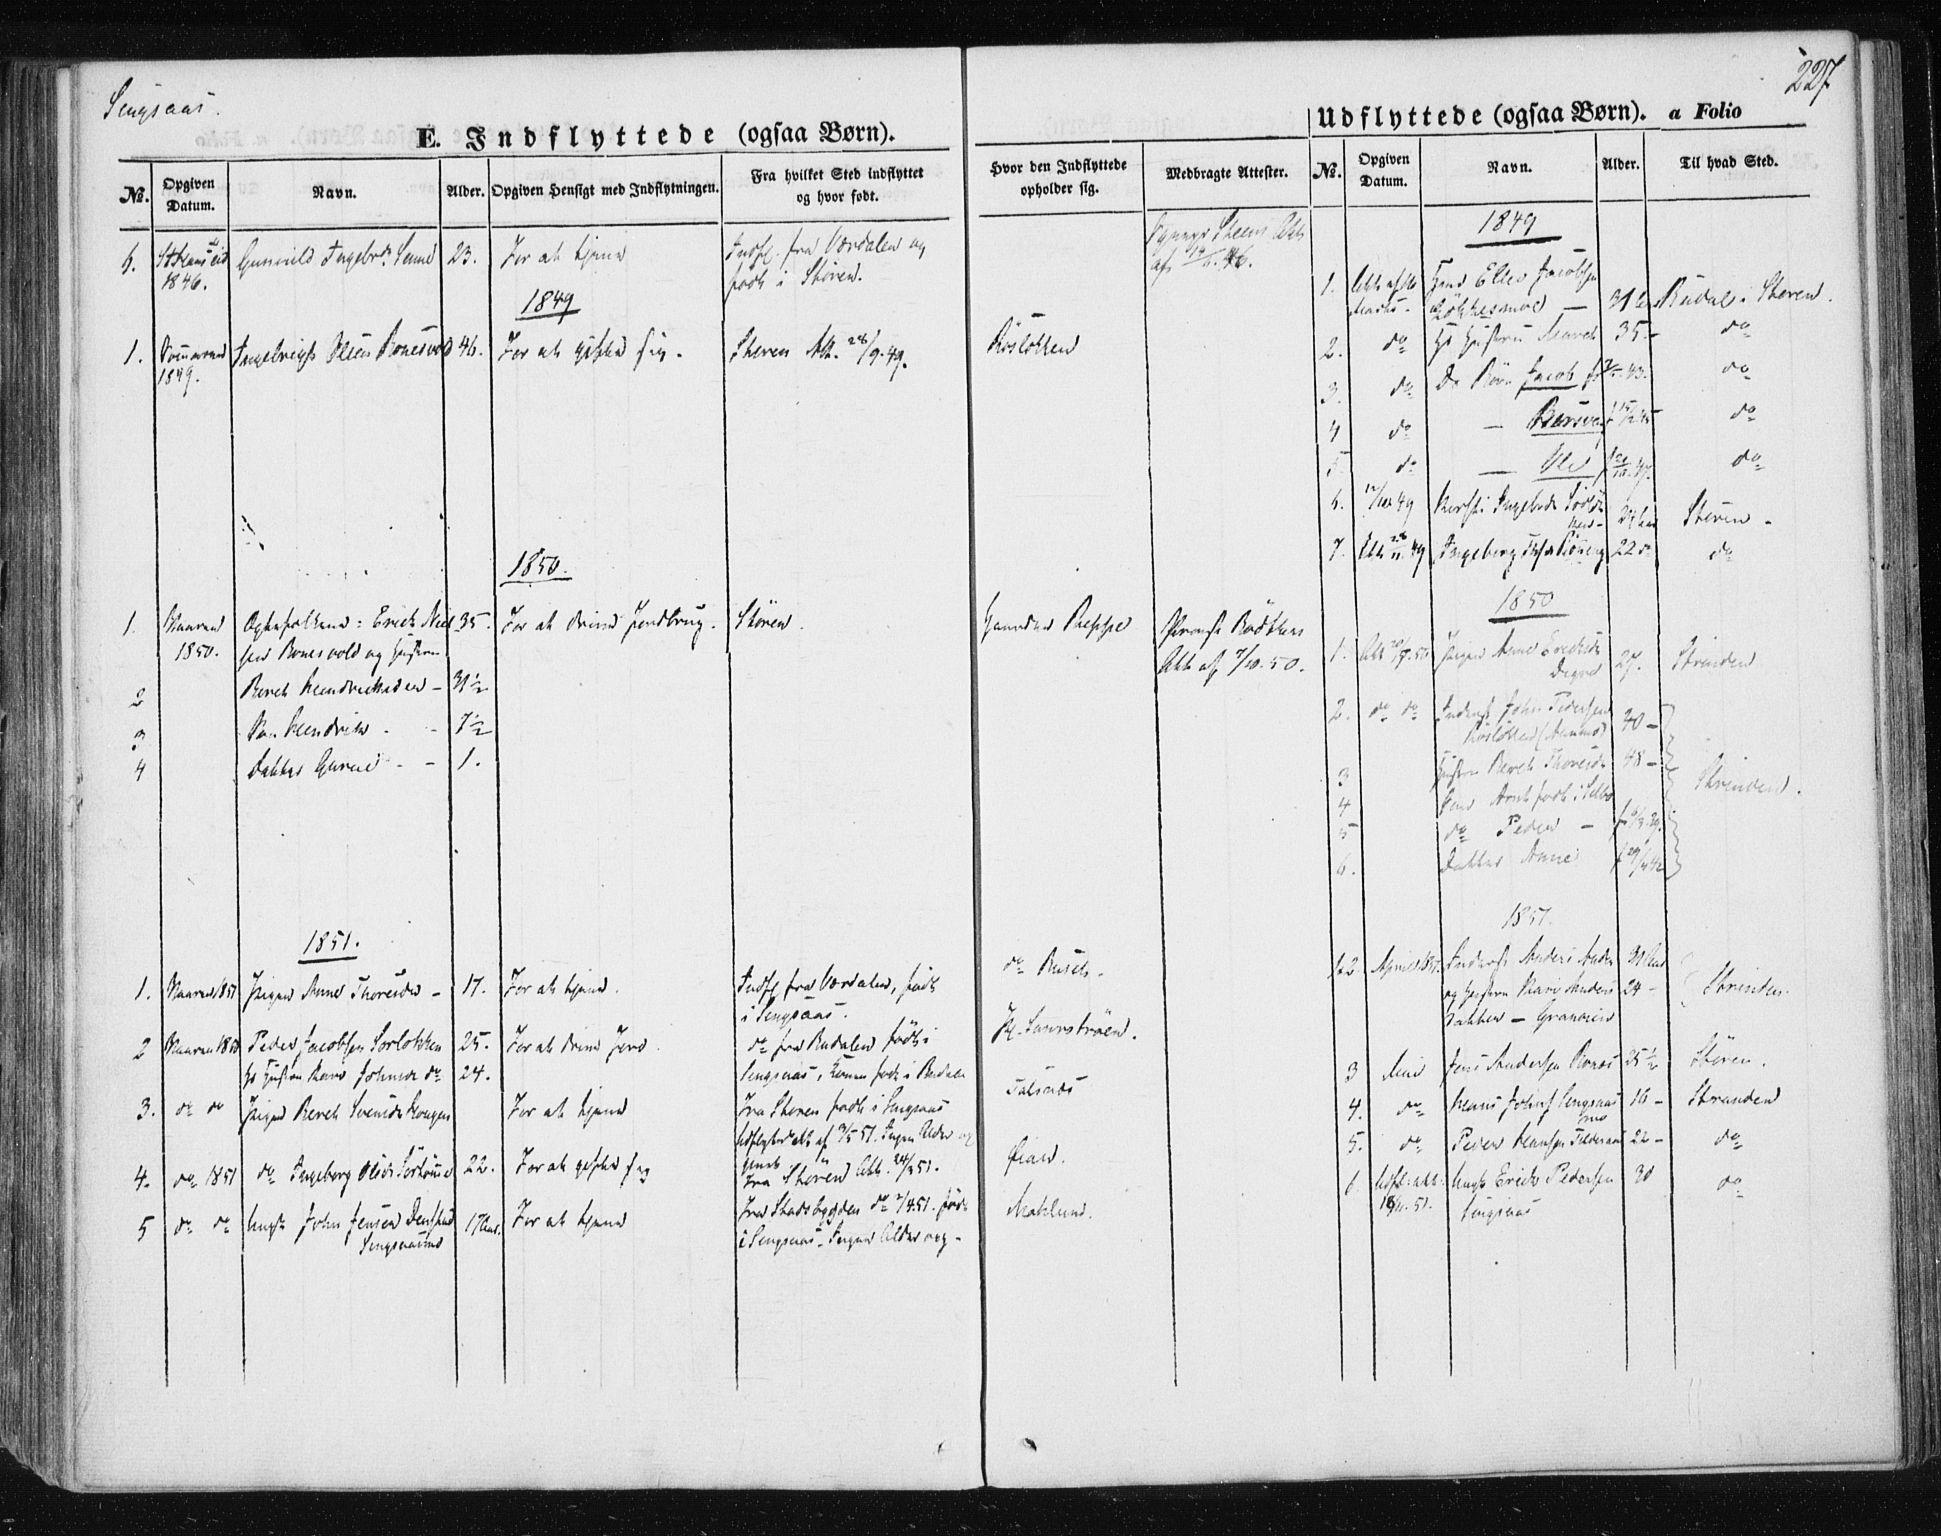 SAT, Ministerialprotokoller, klokkerbøker og fødselsregistre - Sør-Trøndelag, 685/L0964: Ministerialbok nr. 685A06 /2, 1846-1859, s. 227